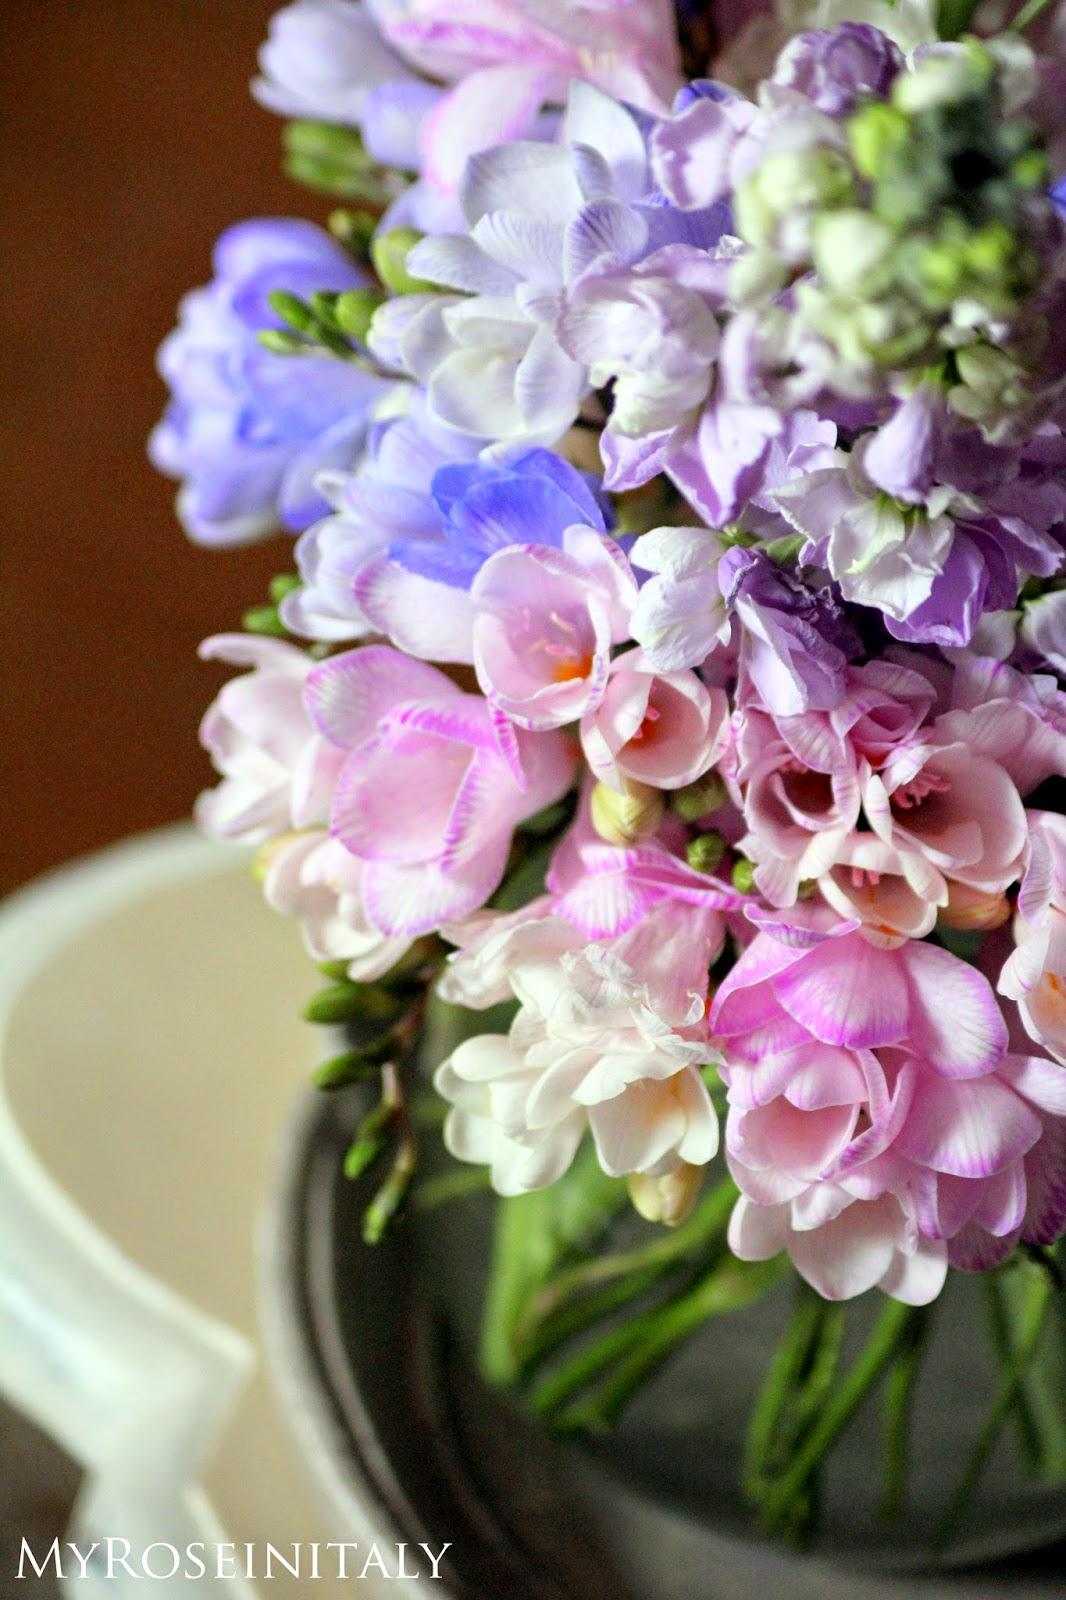 My roseinitaly delicati fiori di primavera for Foto di rose bellissime